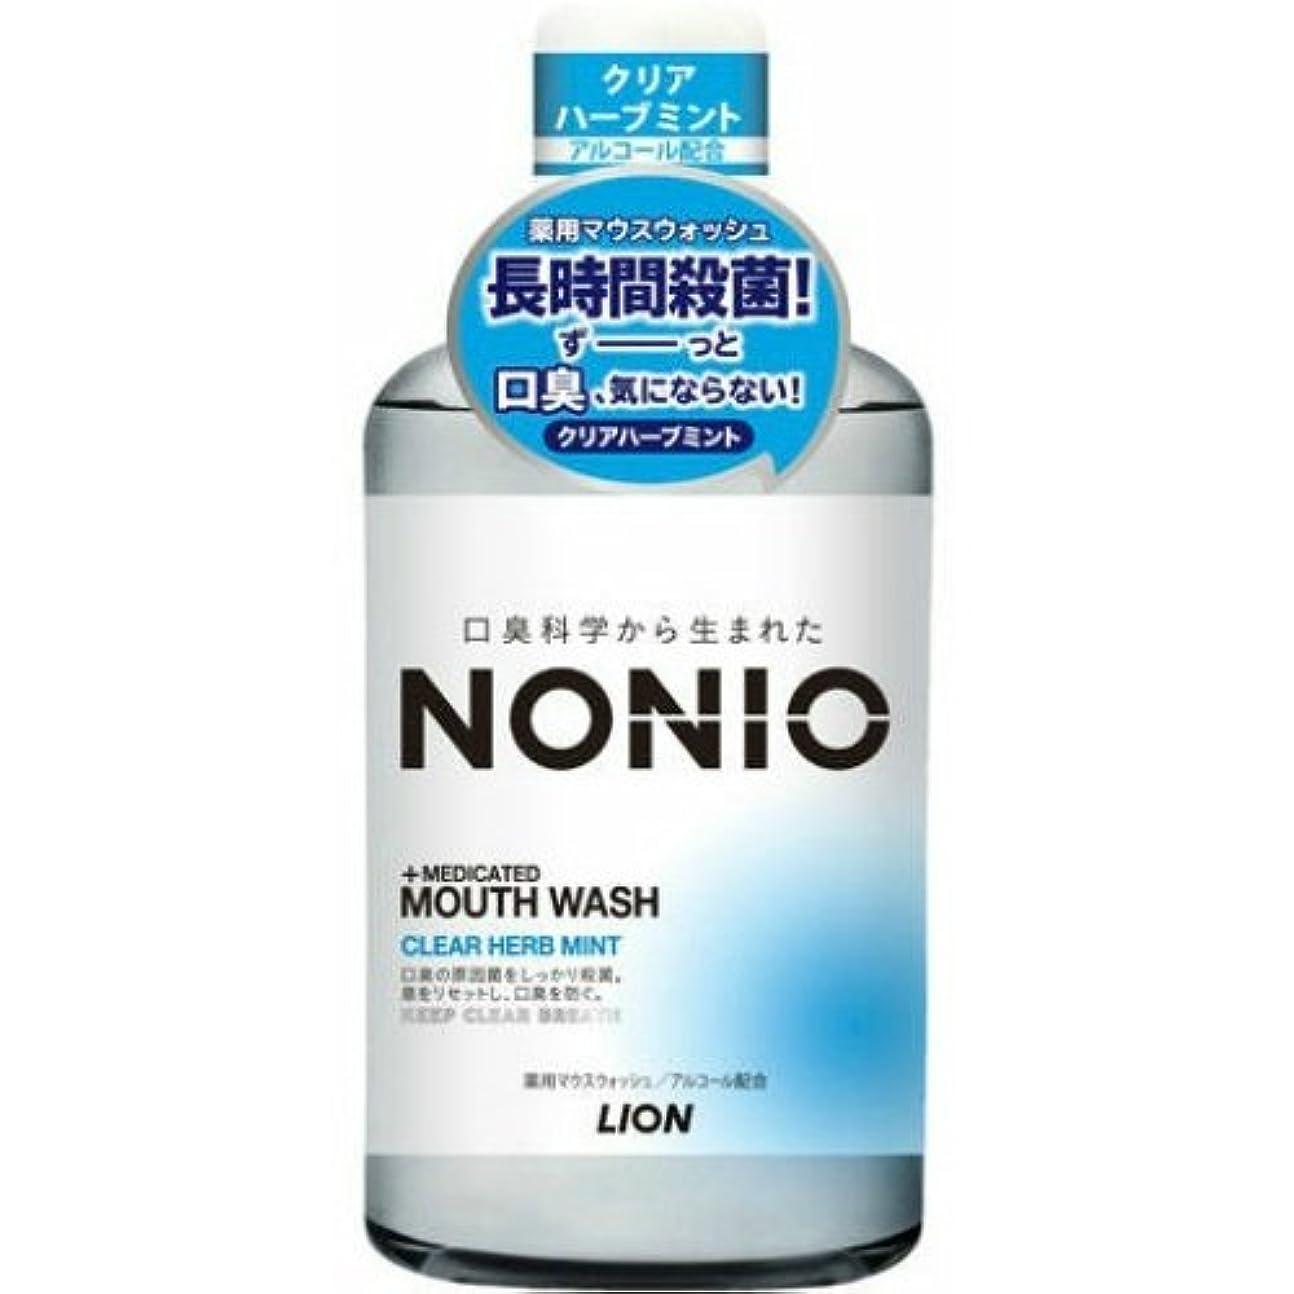 破産望ましいコピーLION ライオン ノニオ NONIO 薬用マウスウォッシュ クリアハーブミント 600ml ×10点セット(4903301259350)